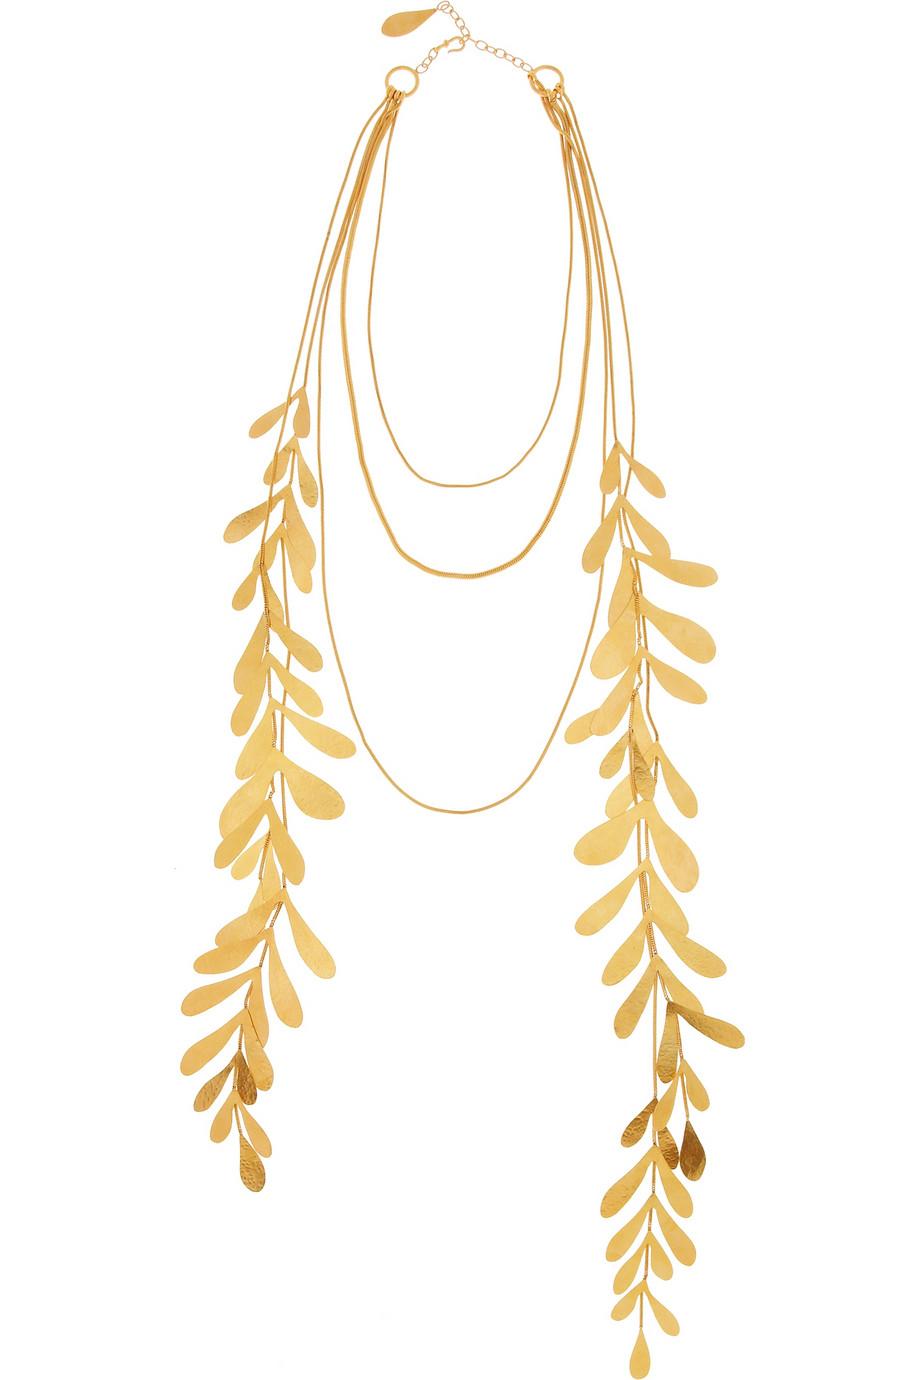 herve van der straeten 24karat goldplated leaf necklace in. Black Bedroom Furniture Sets. Home Design Ideas